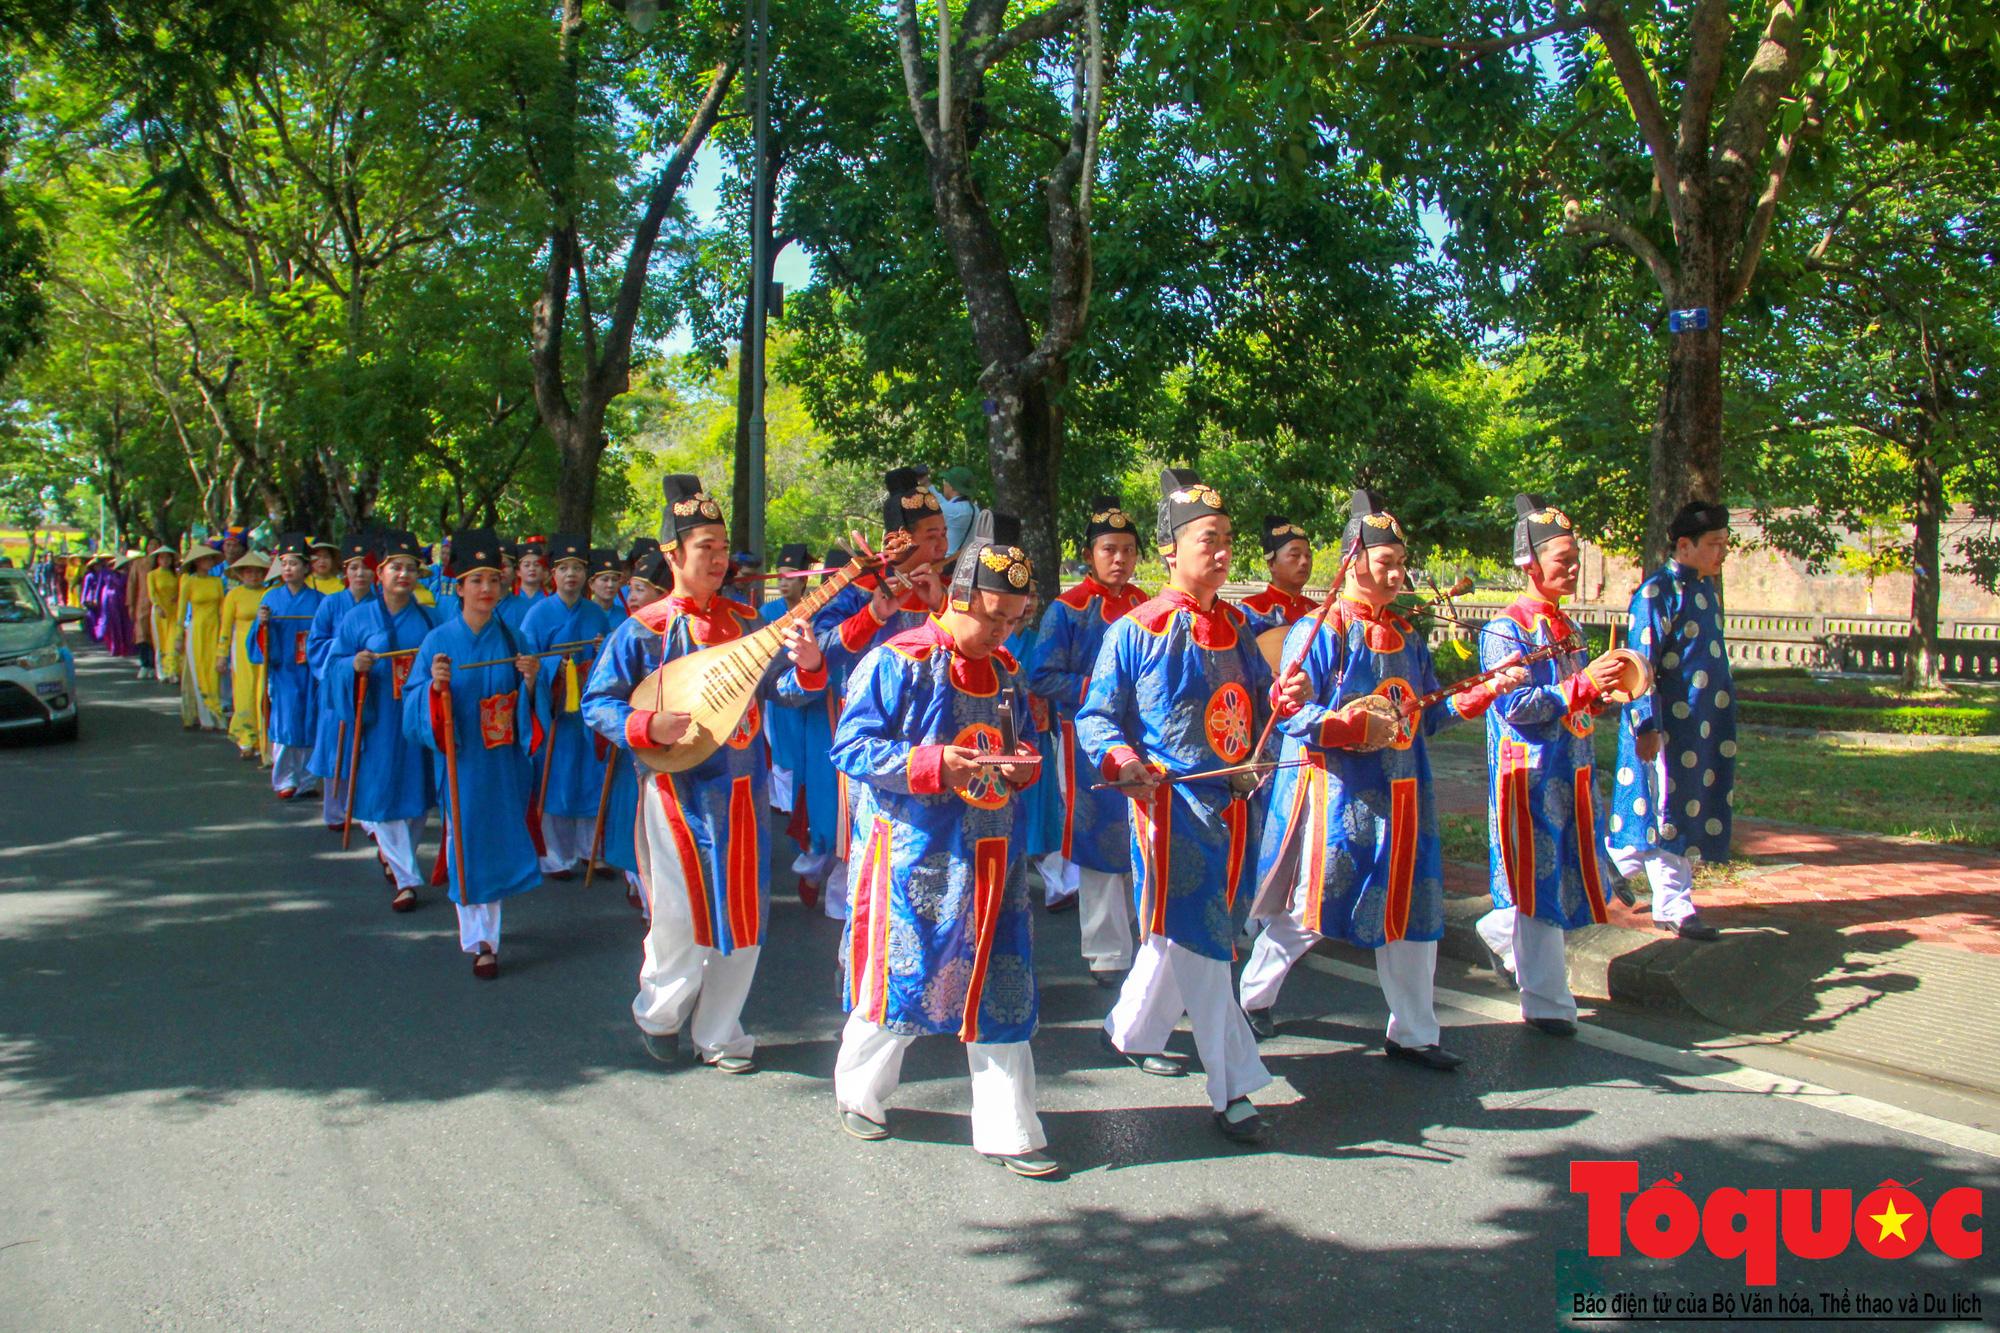 Hàng trăm tà áo dài diễu hành trên phố tri ân chúa Nguyễn Phúc Khoát - Ảnh 6.